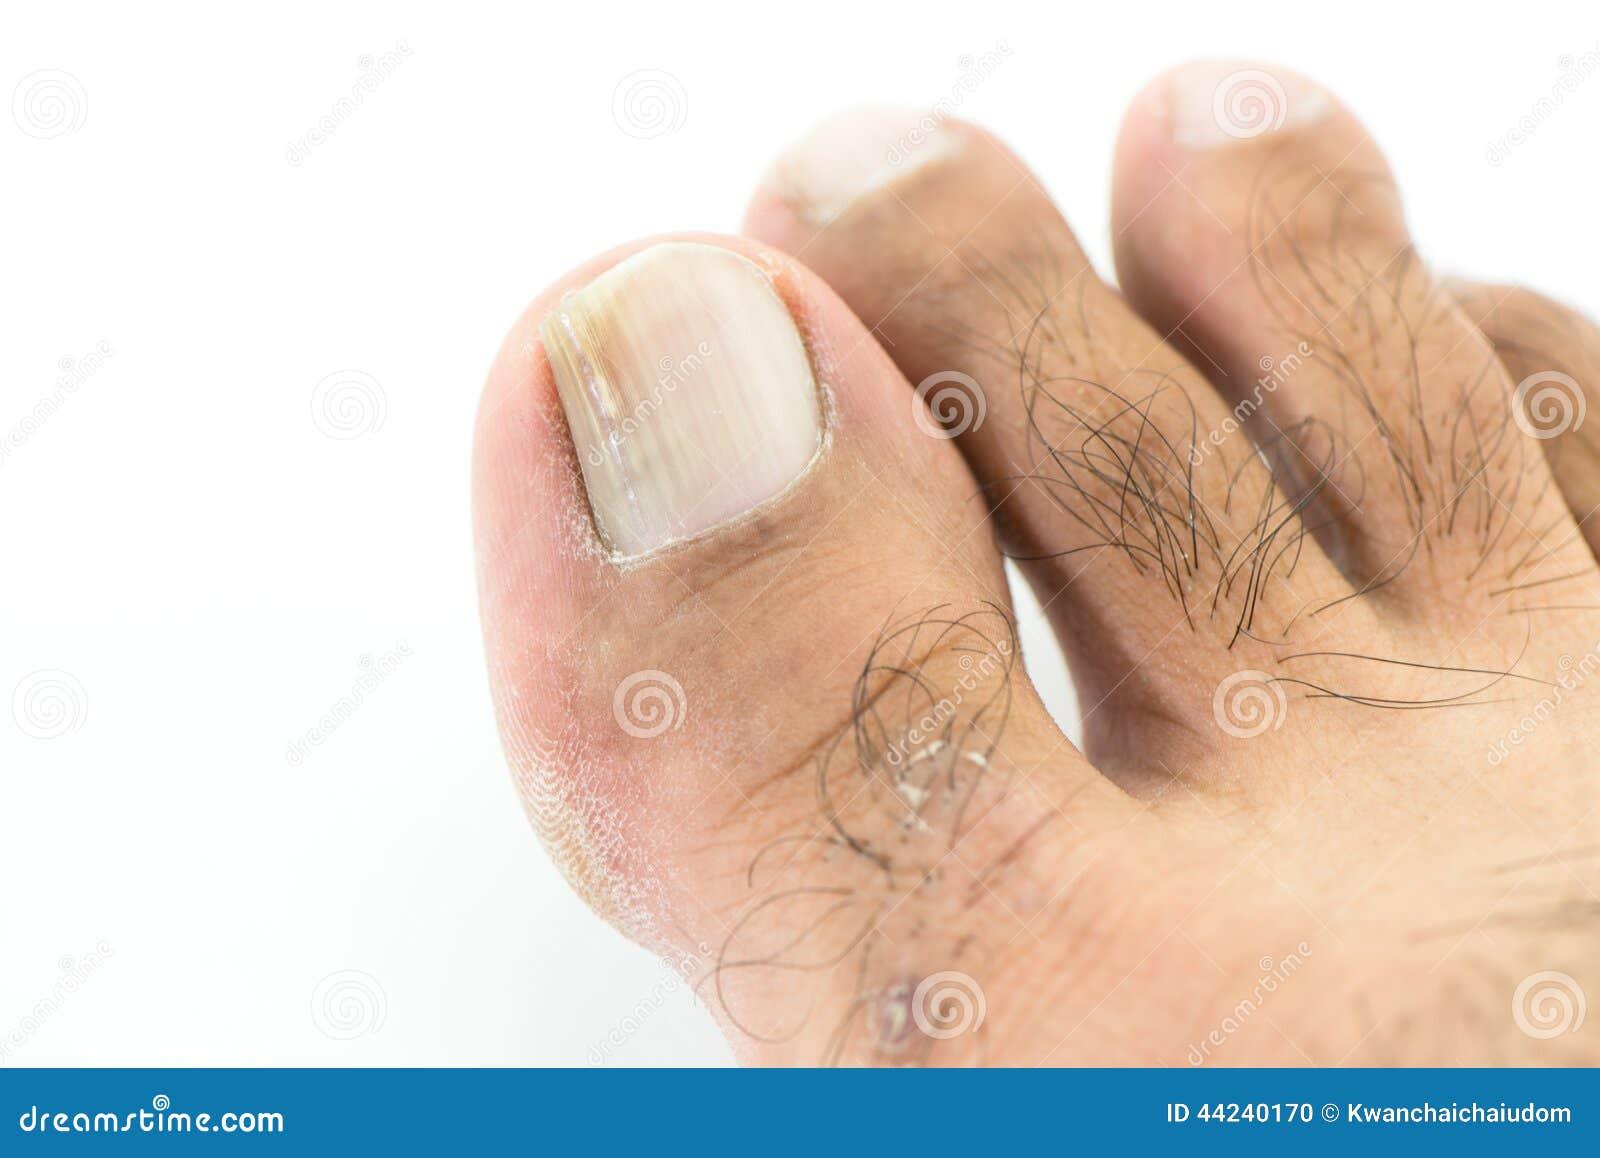 Como curar la fase inicial del hongo de las uñas en las manos